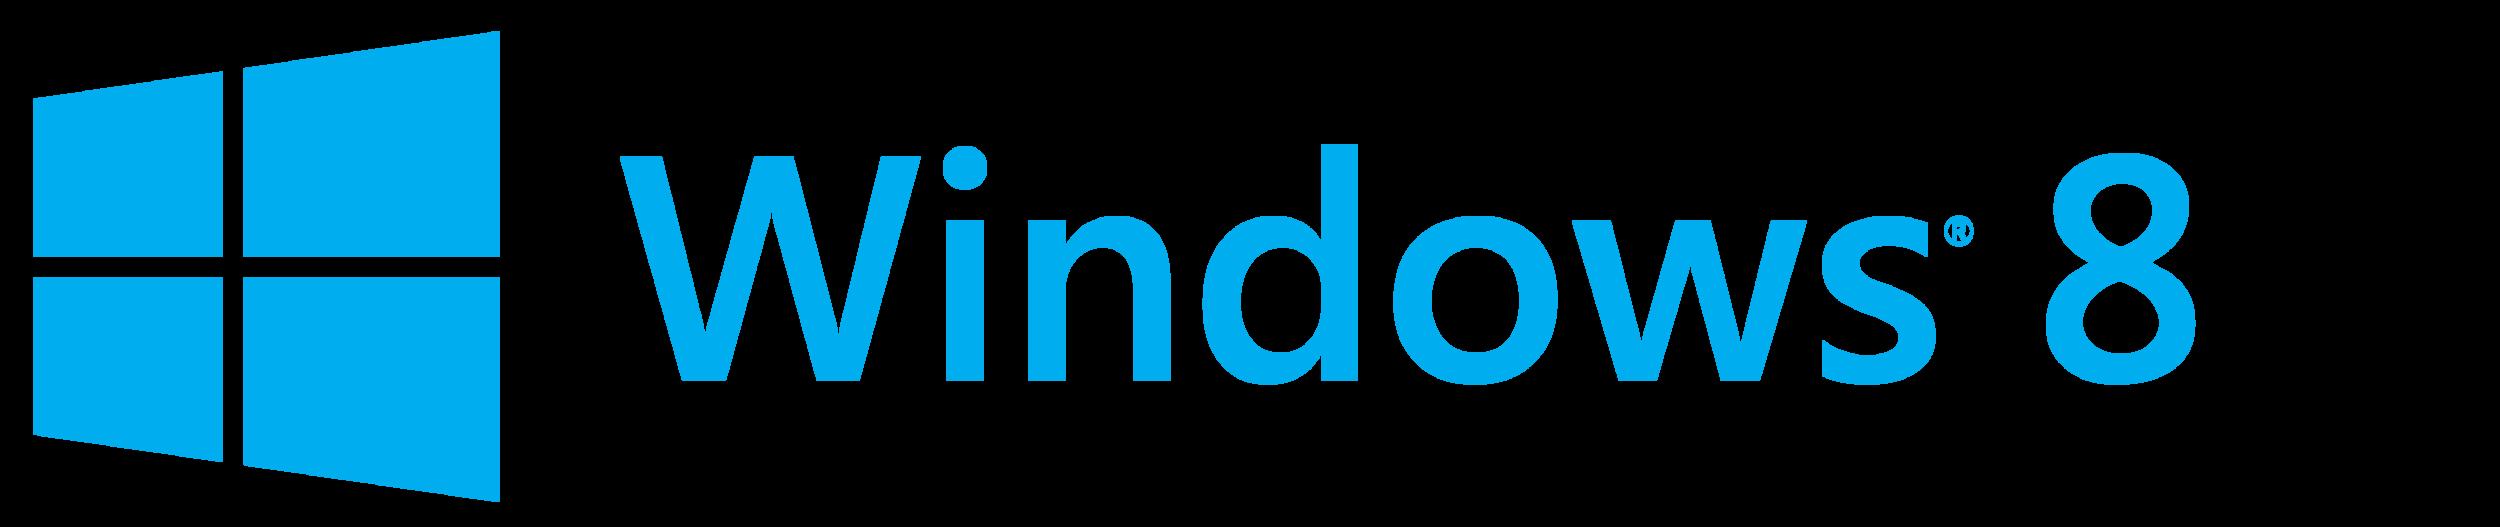 Windows-8-Logo-Large.png